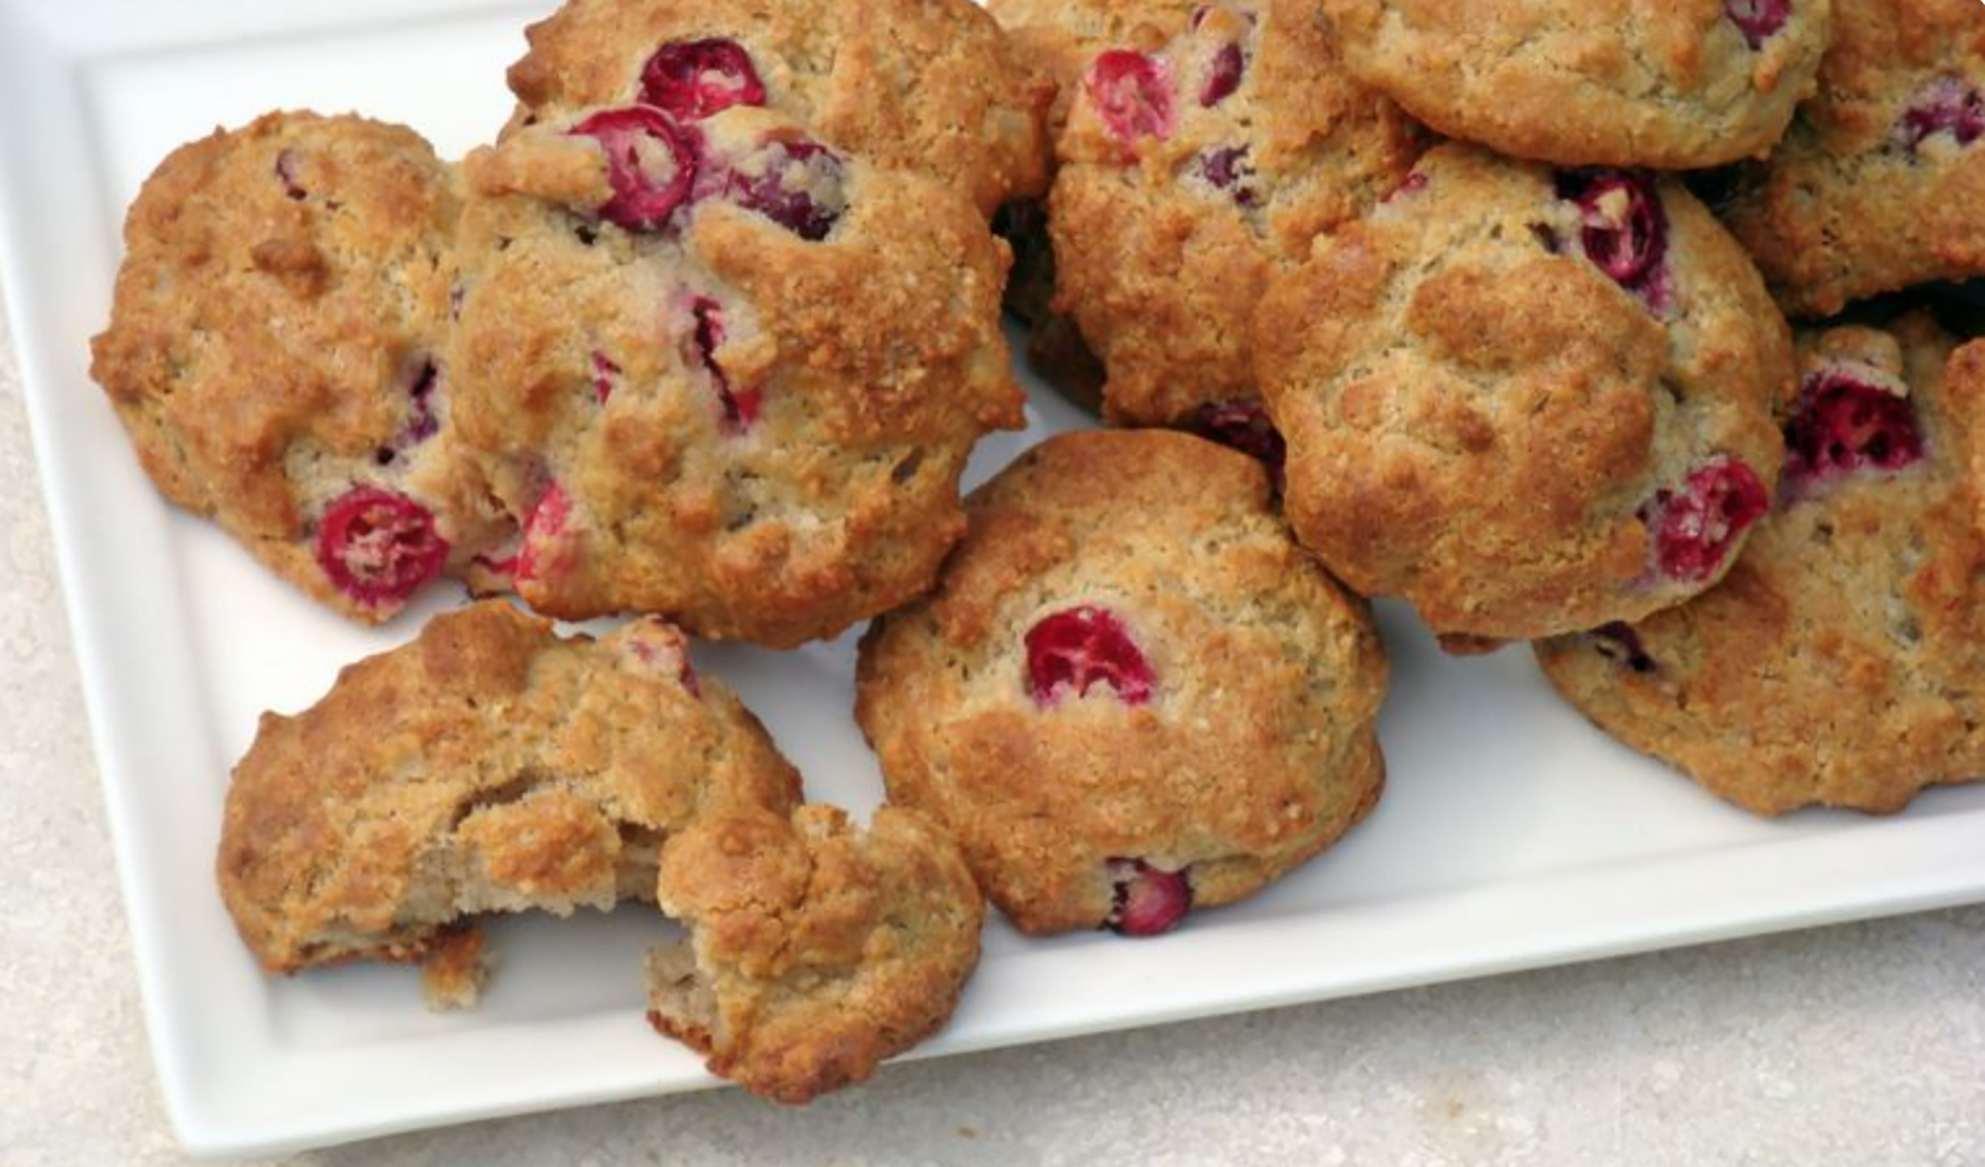 galletas de nuez y arándano bajas en carbohidratos